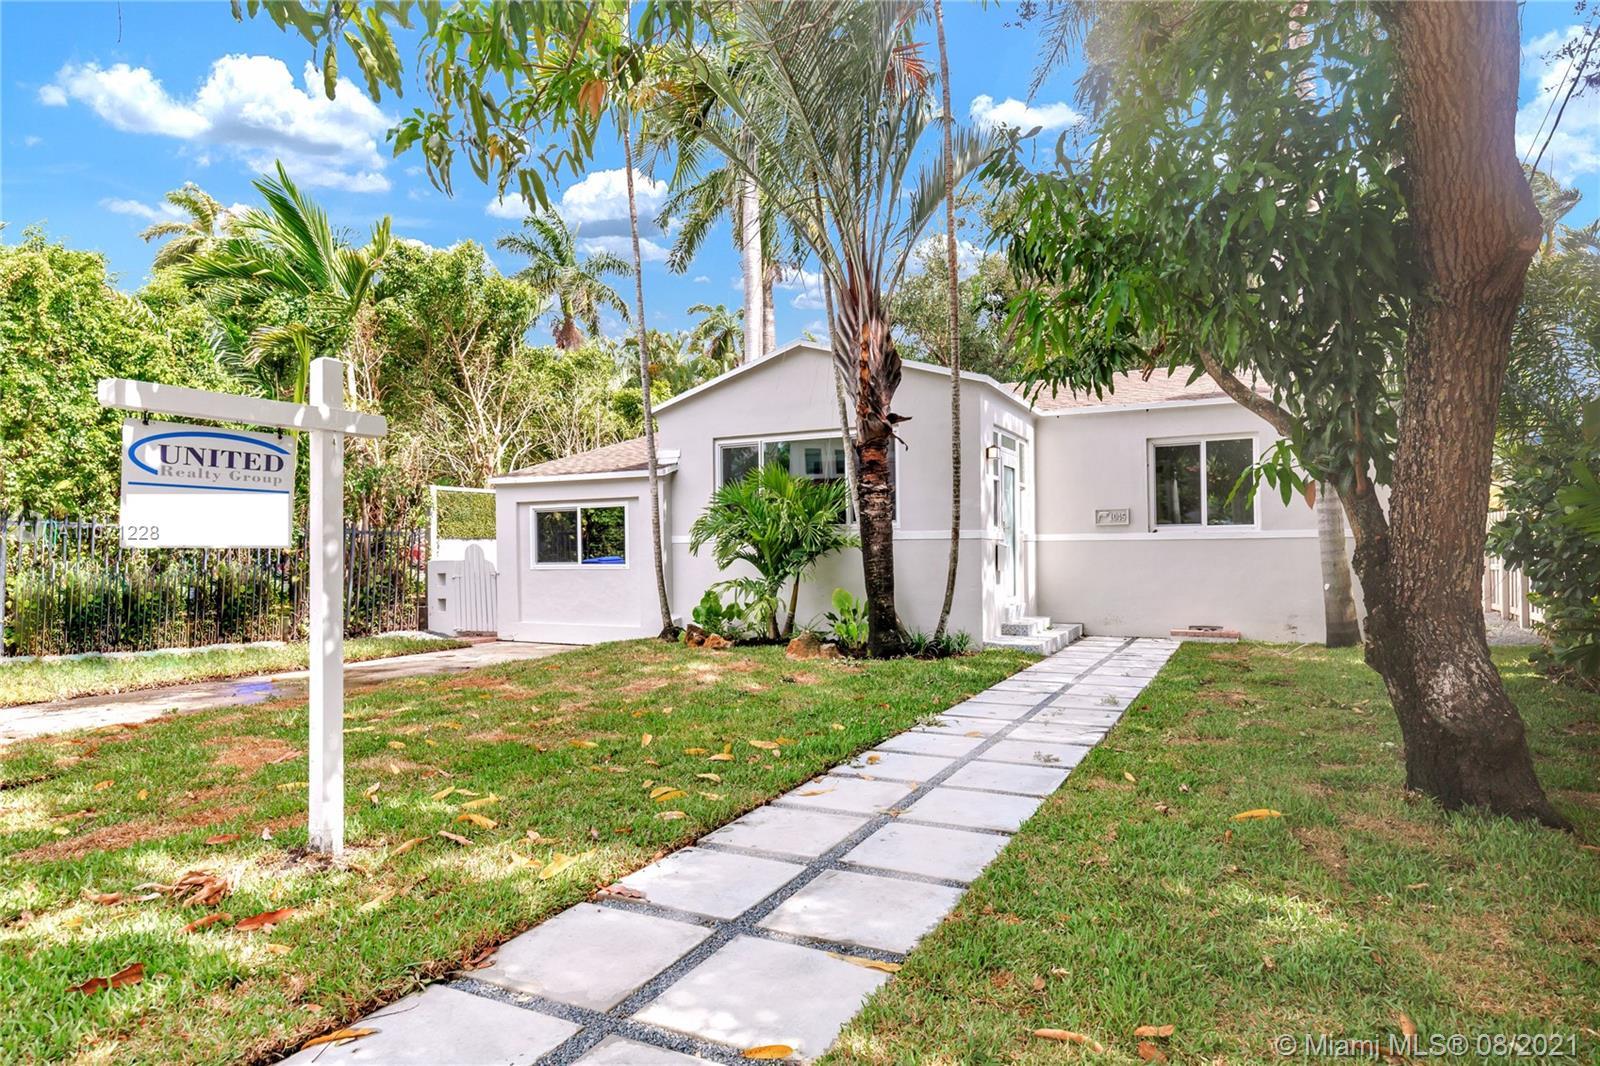 Shore Crest - 1045 NE 84th St, Miami, FL 33138